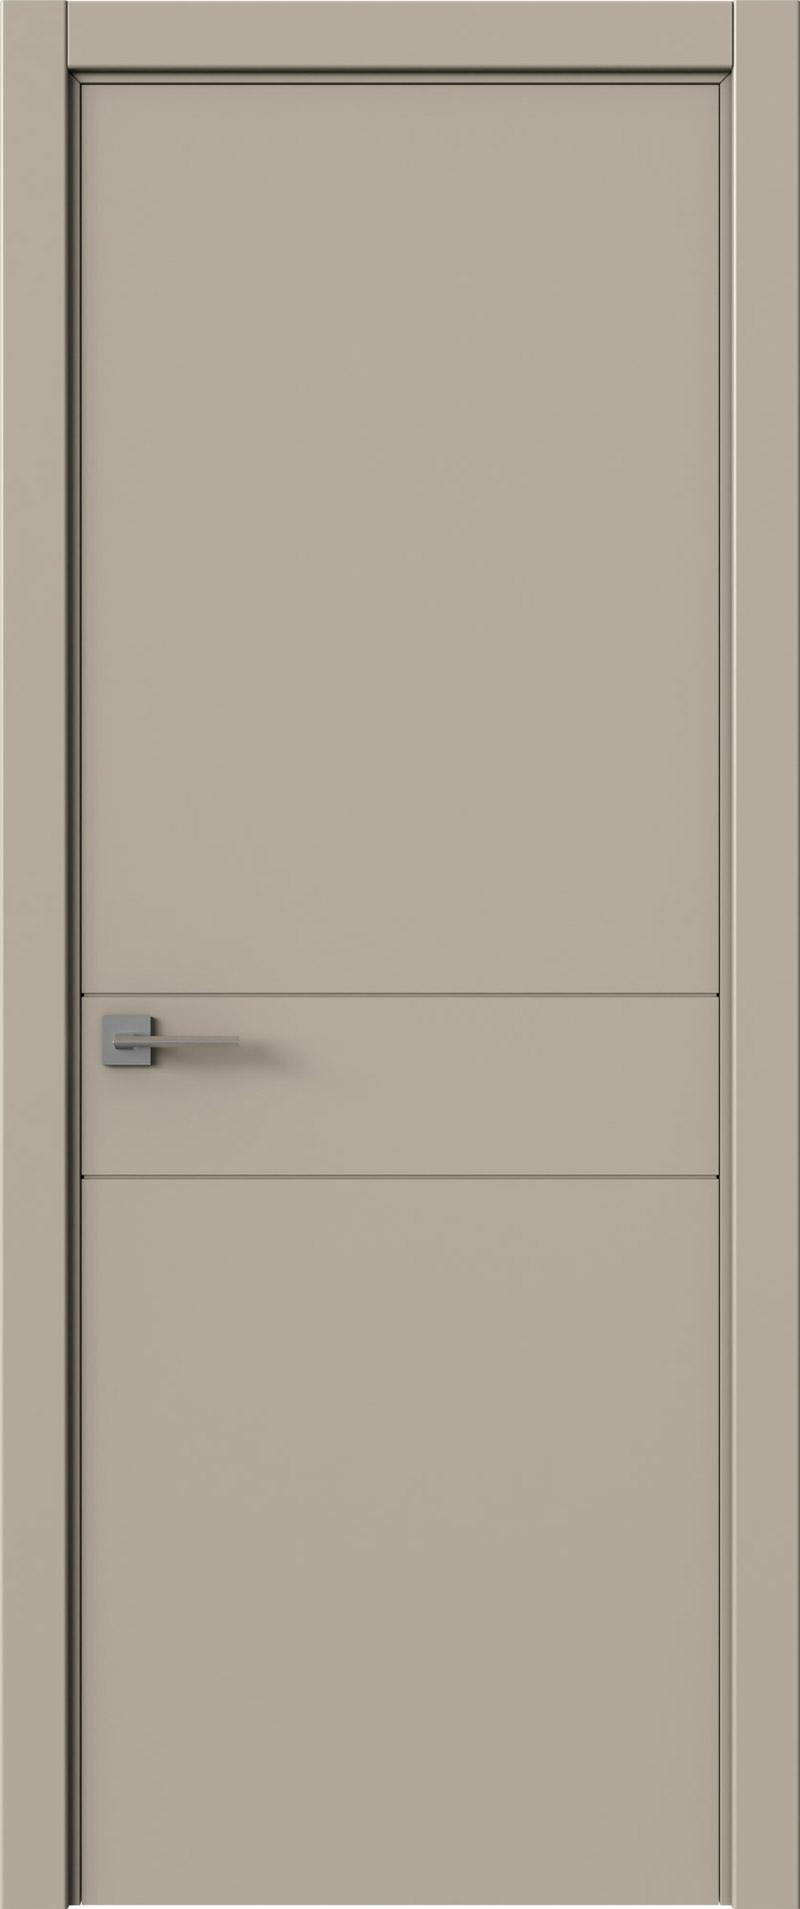 Tivoli И-2 цвет - Серо-оливковая эмаль (RAL 7032) Без стекла (ДГ)